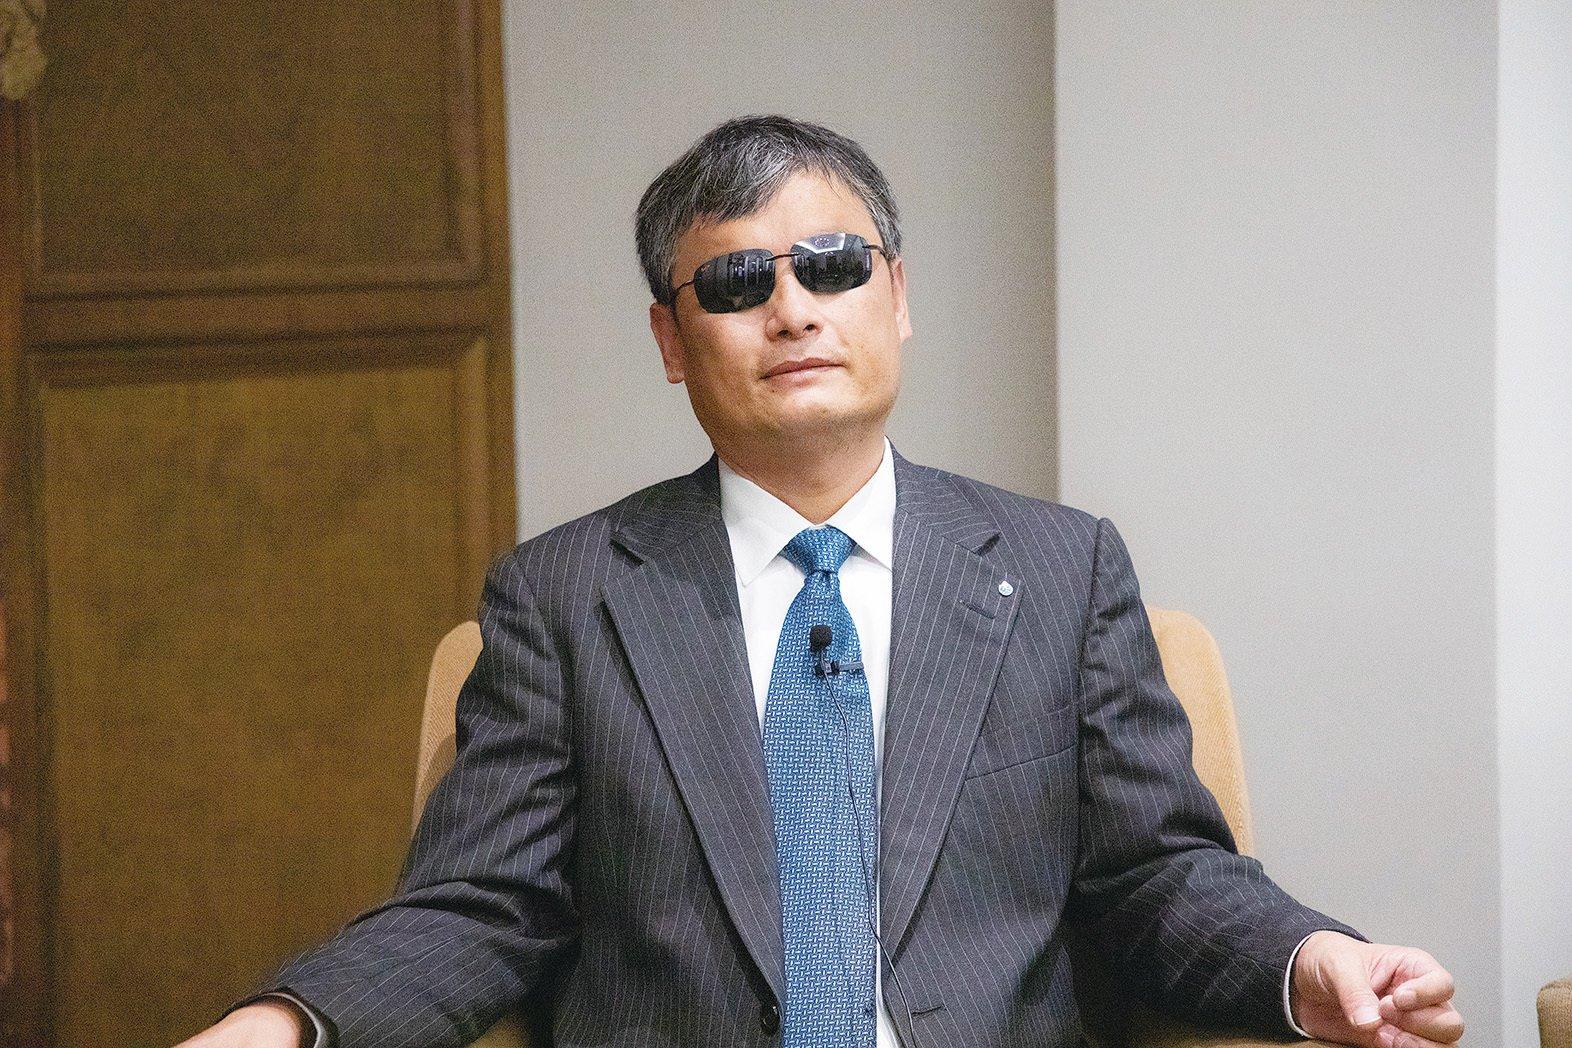 流亡美國的知名維權律師陳光誠呼籲把中共邪惡政權掃進歷史的灰燼,唯有如此,全球才能在一個民主制衡的體系下運行。(大紀元資料圖片)